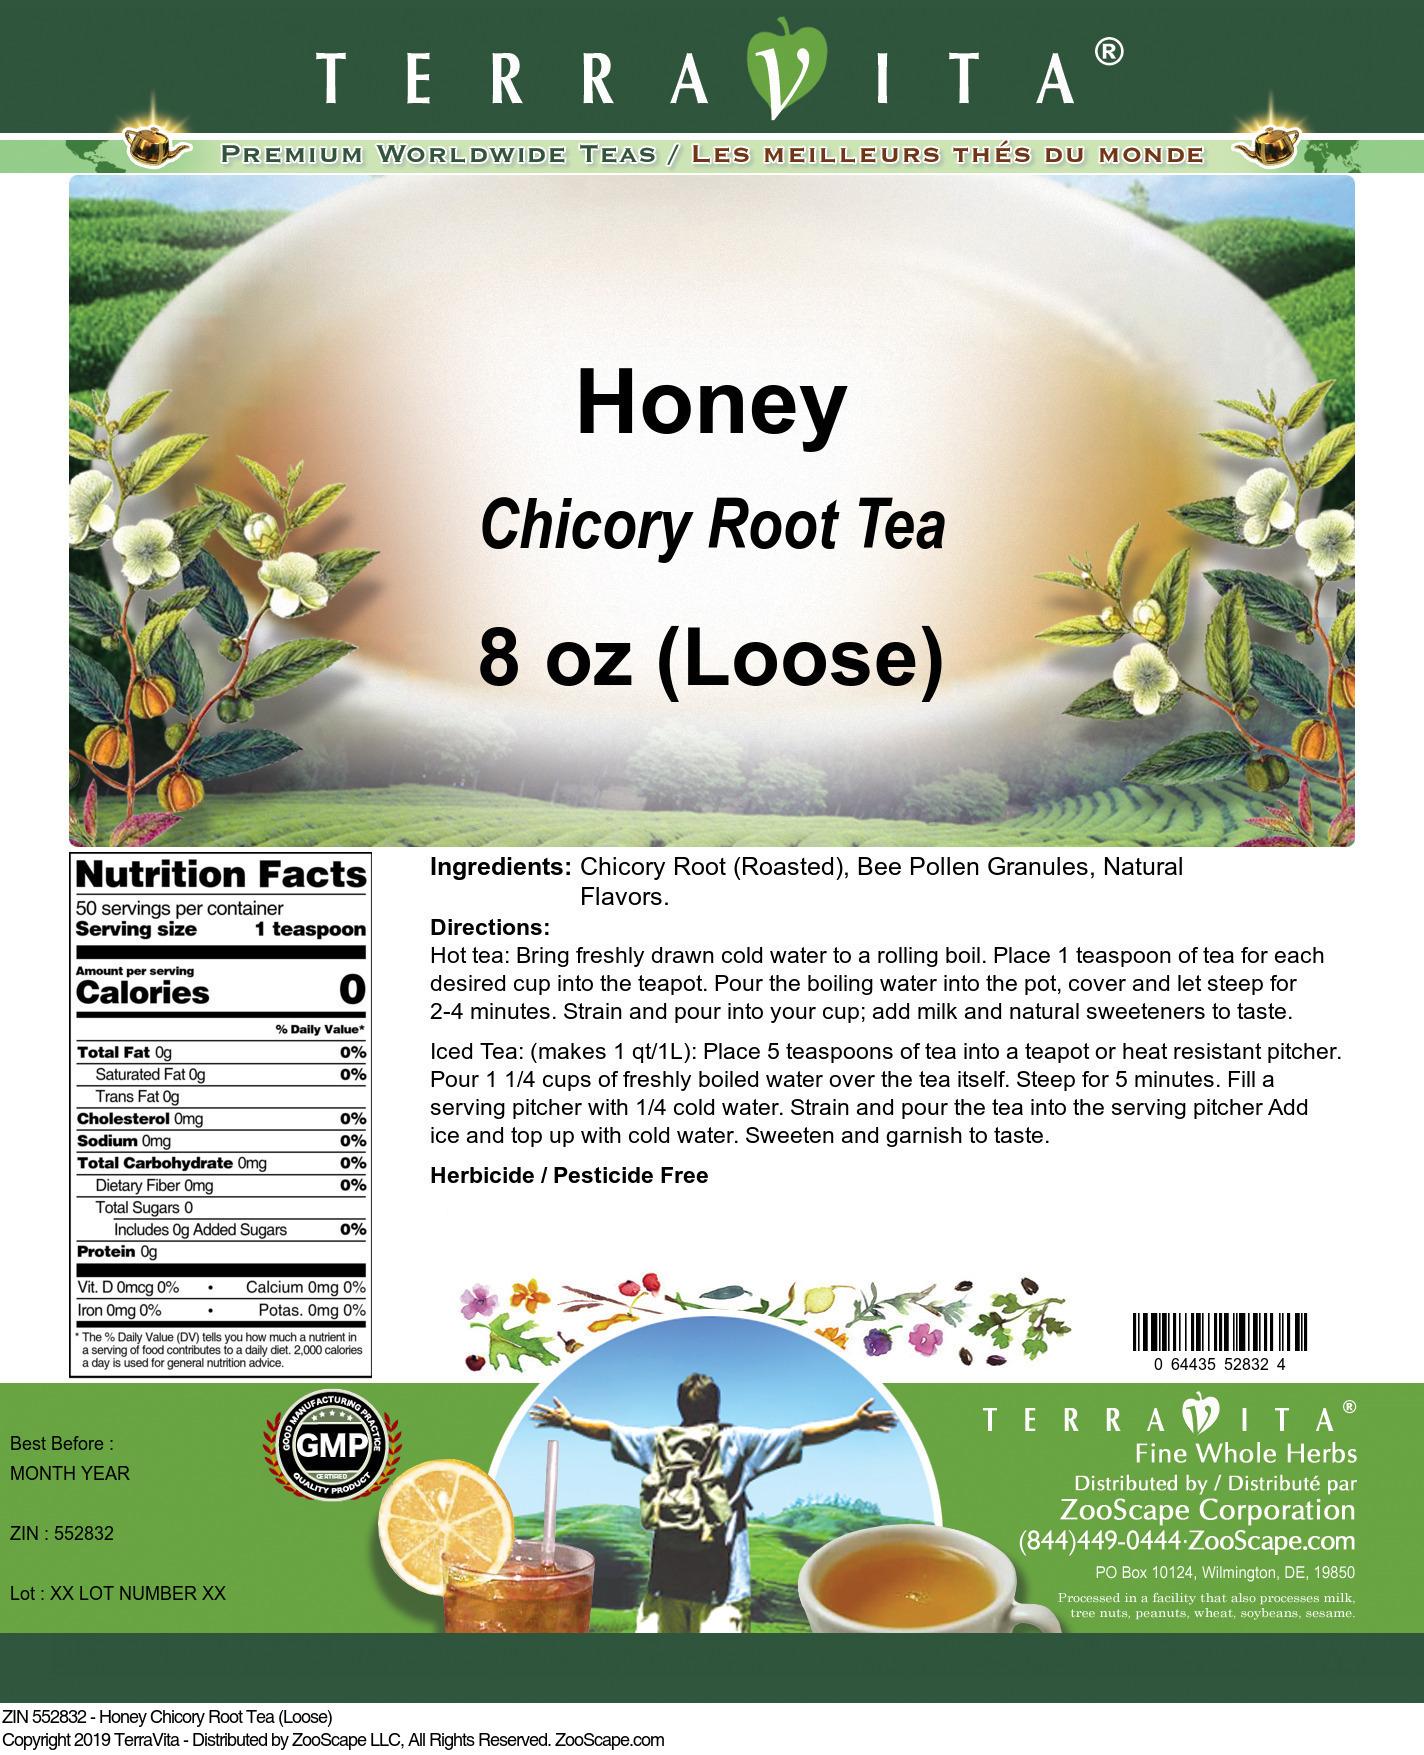 Honey Chicory Root